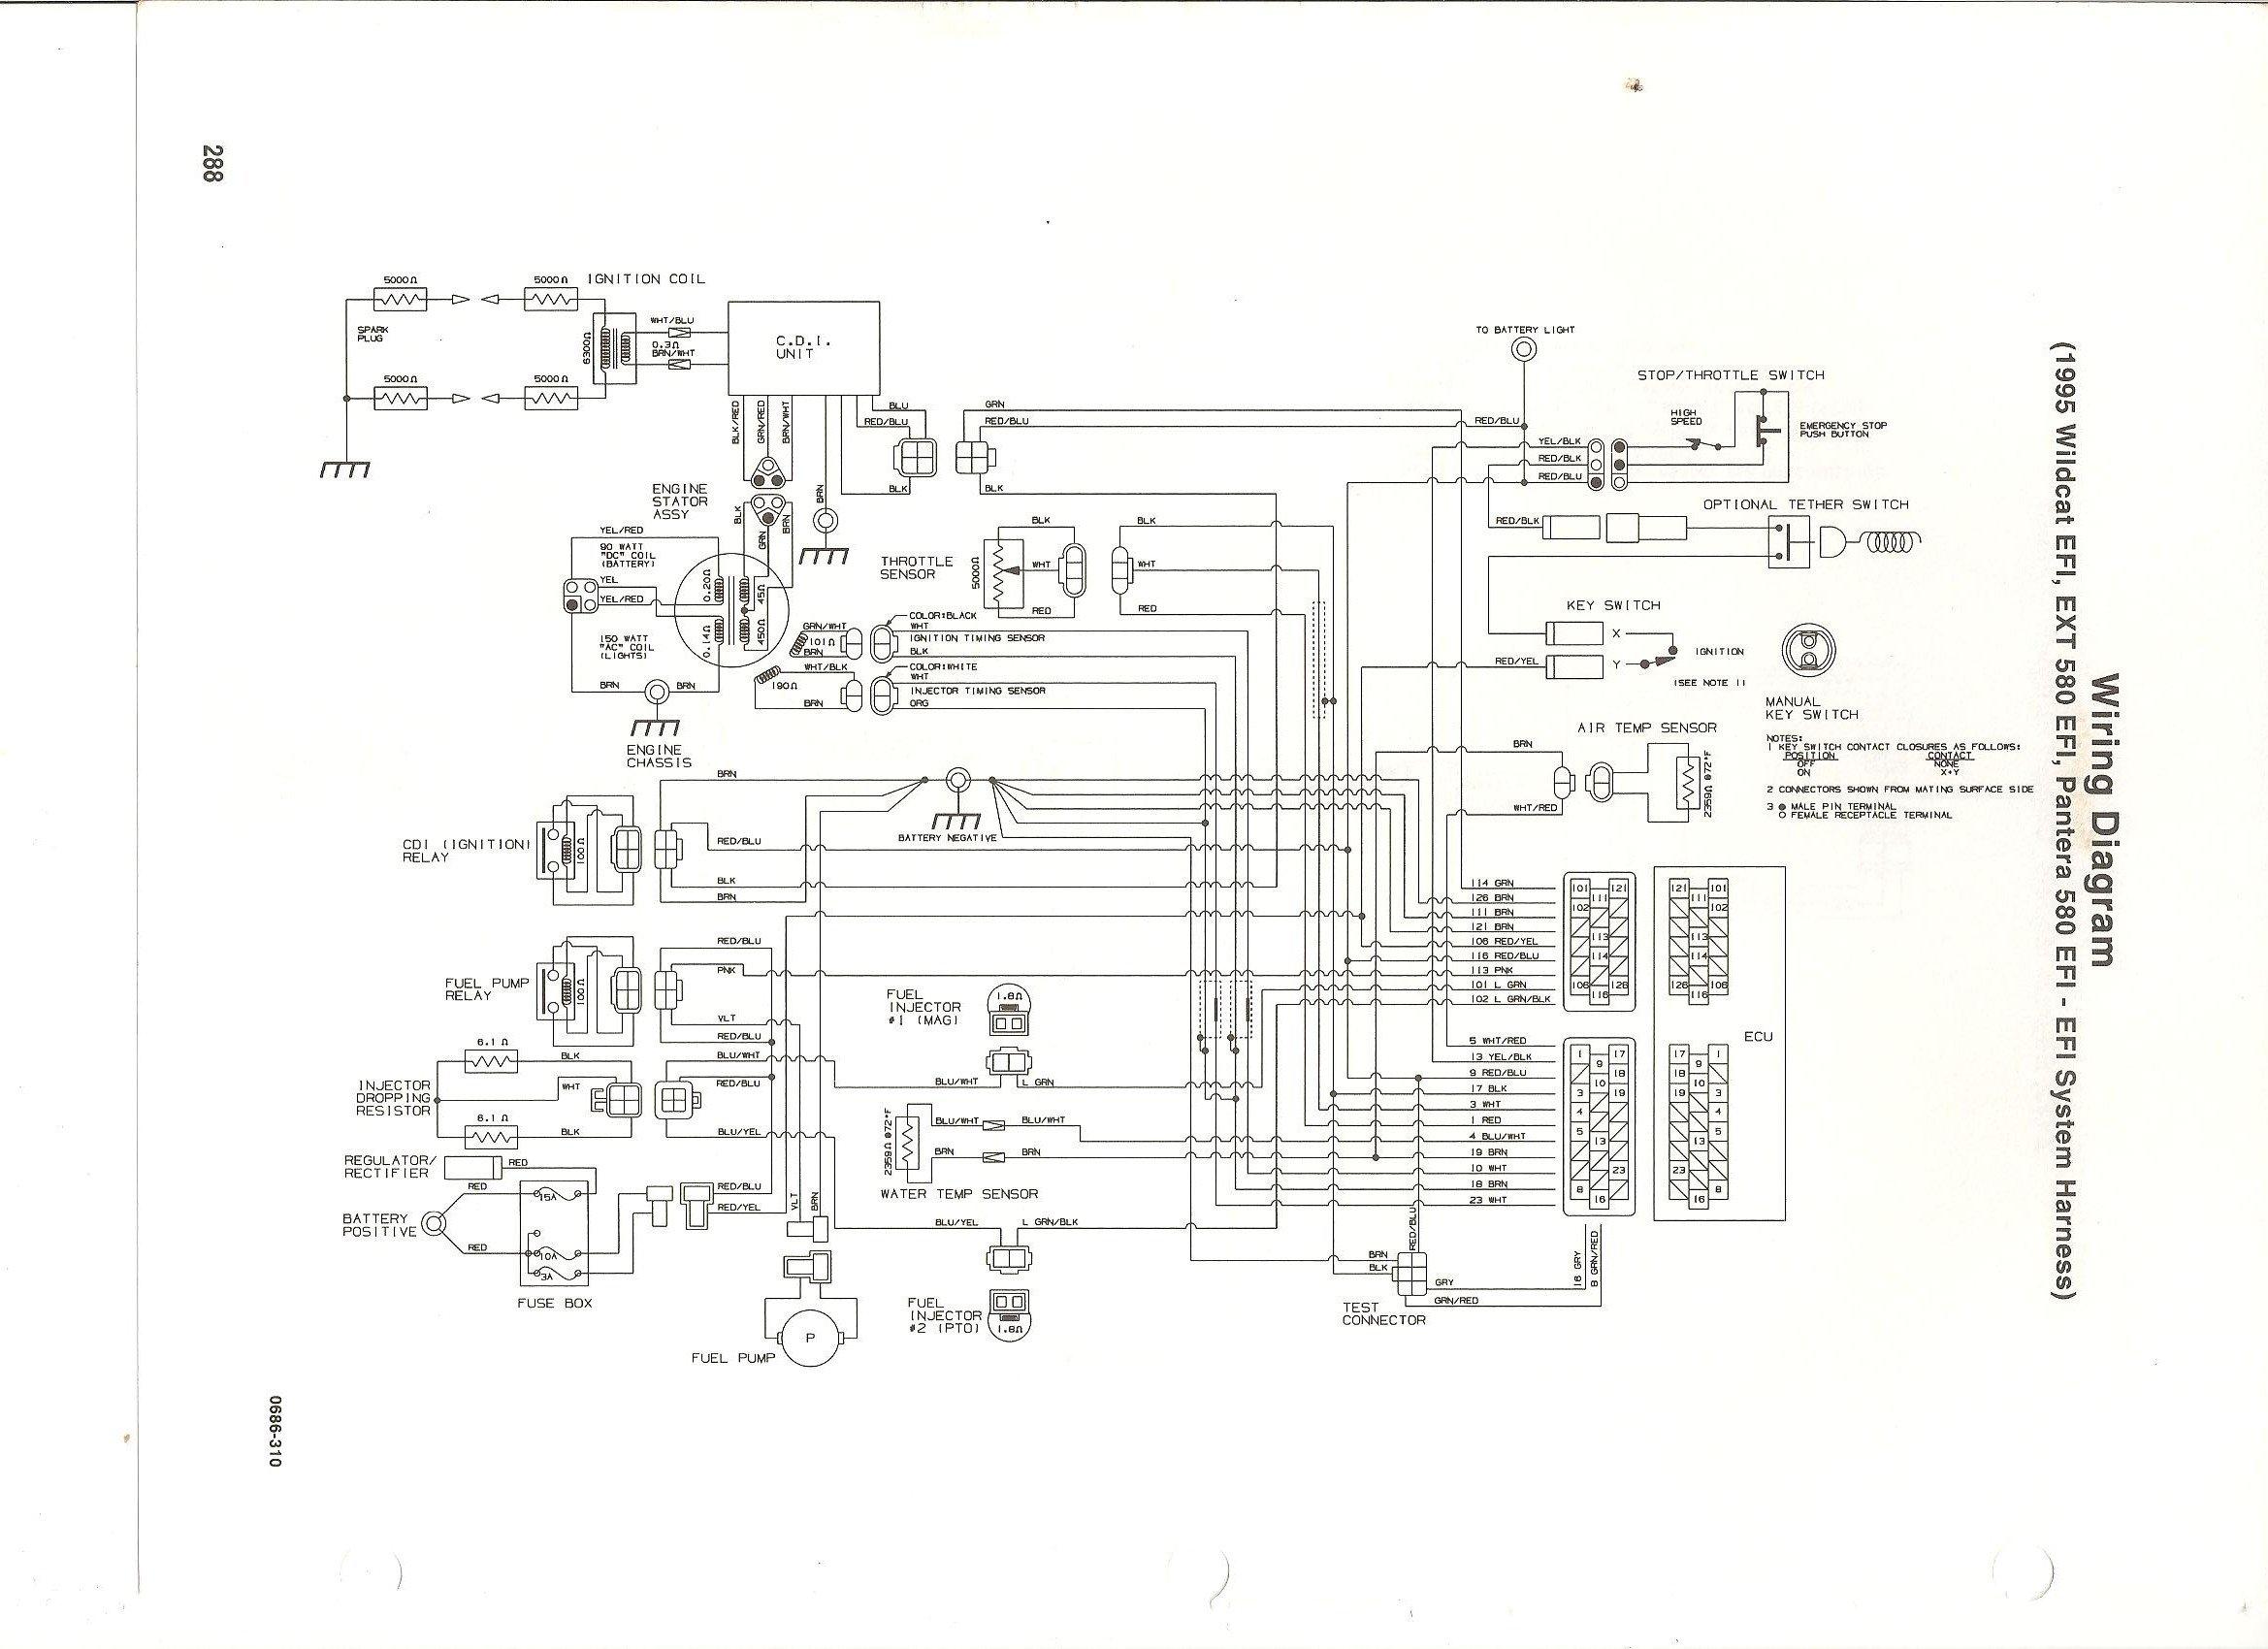 [SCHEMATICS_4UK]  94 EXT 580 electrical schematic | Arctic Cat Forum | Arctic Cat 580 Efi Wiring Diagram |  | Arctic Cat Forum